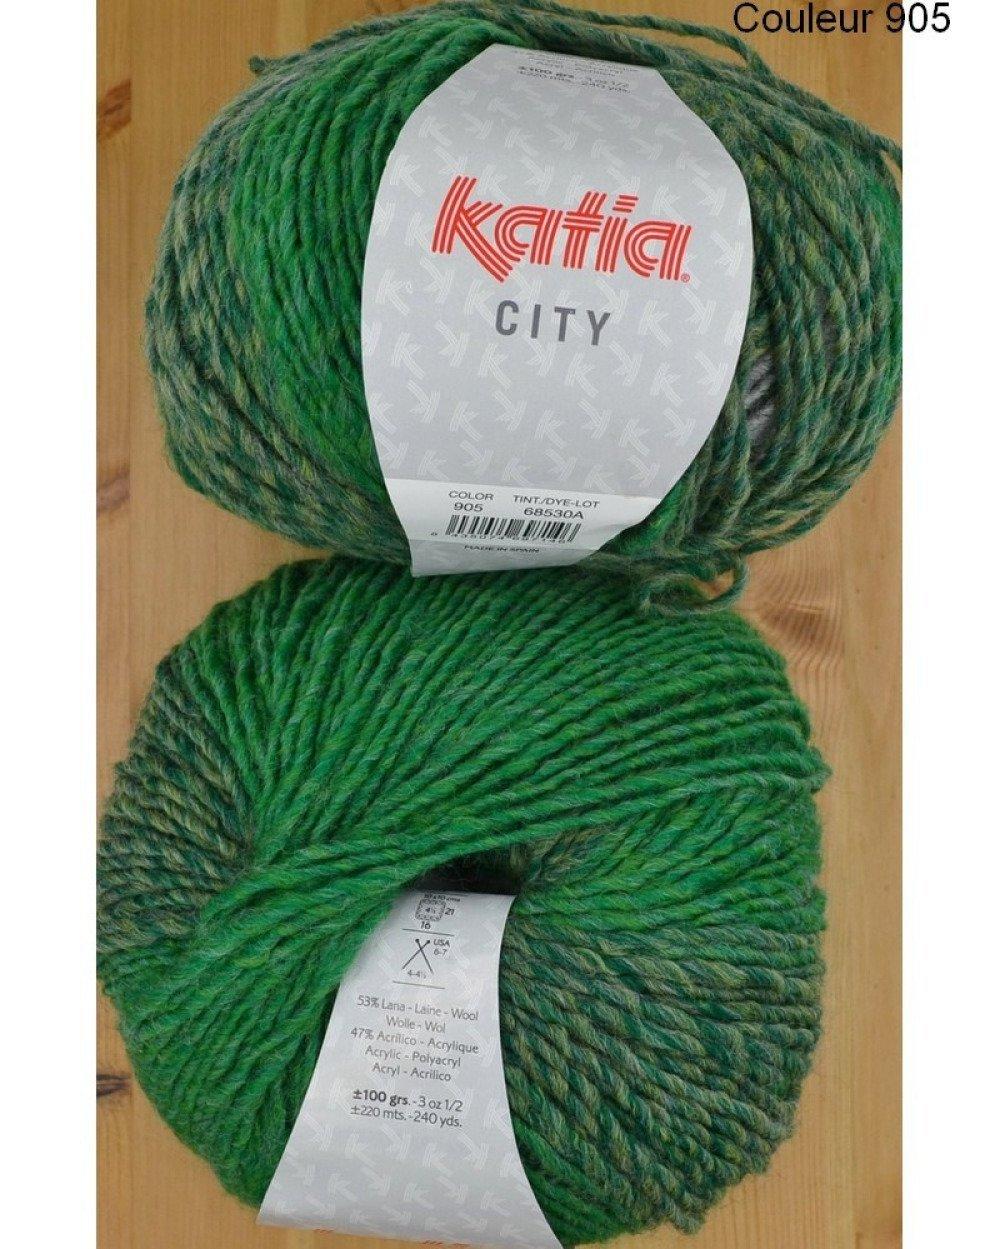 City couleur 905 Laine Katia